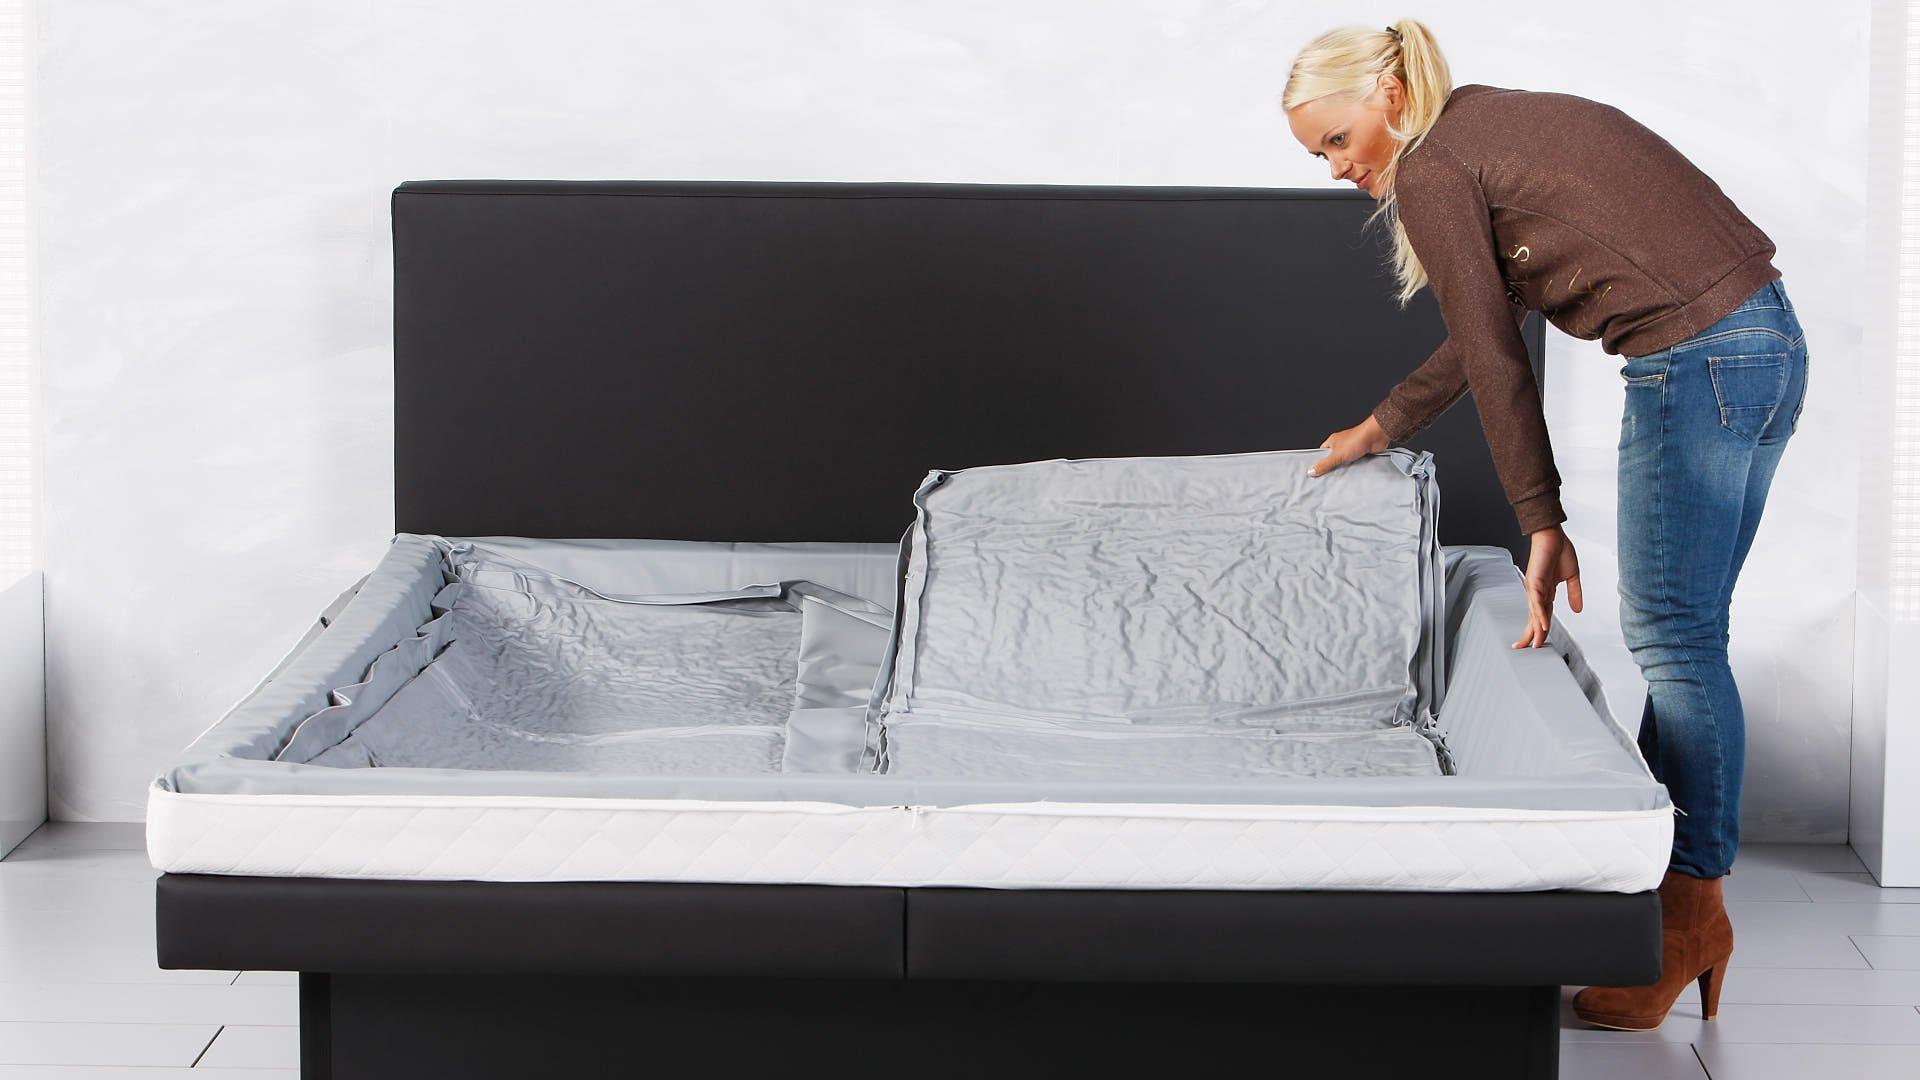 watermatras tweede helft van duo in compleet waterbed